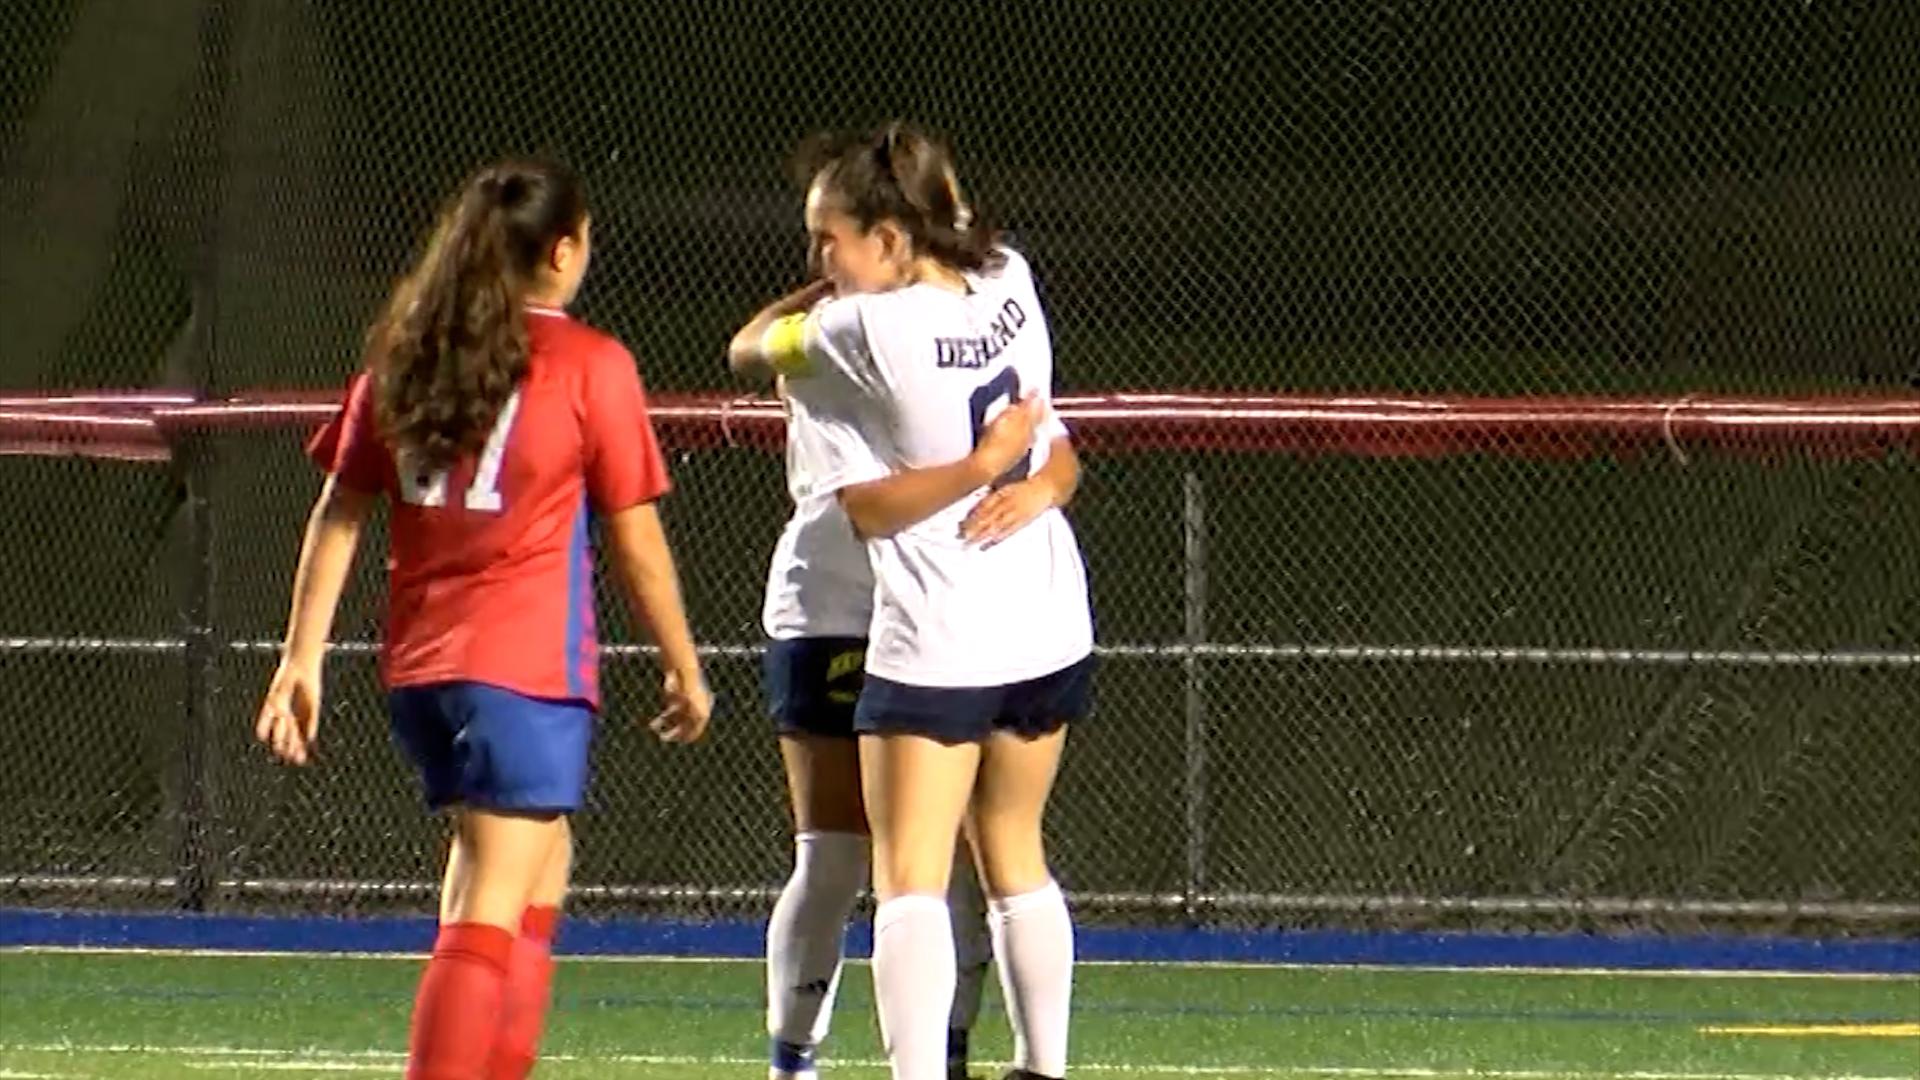 Spencerport girls soccer